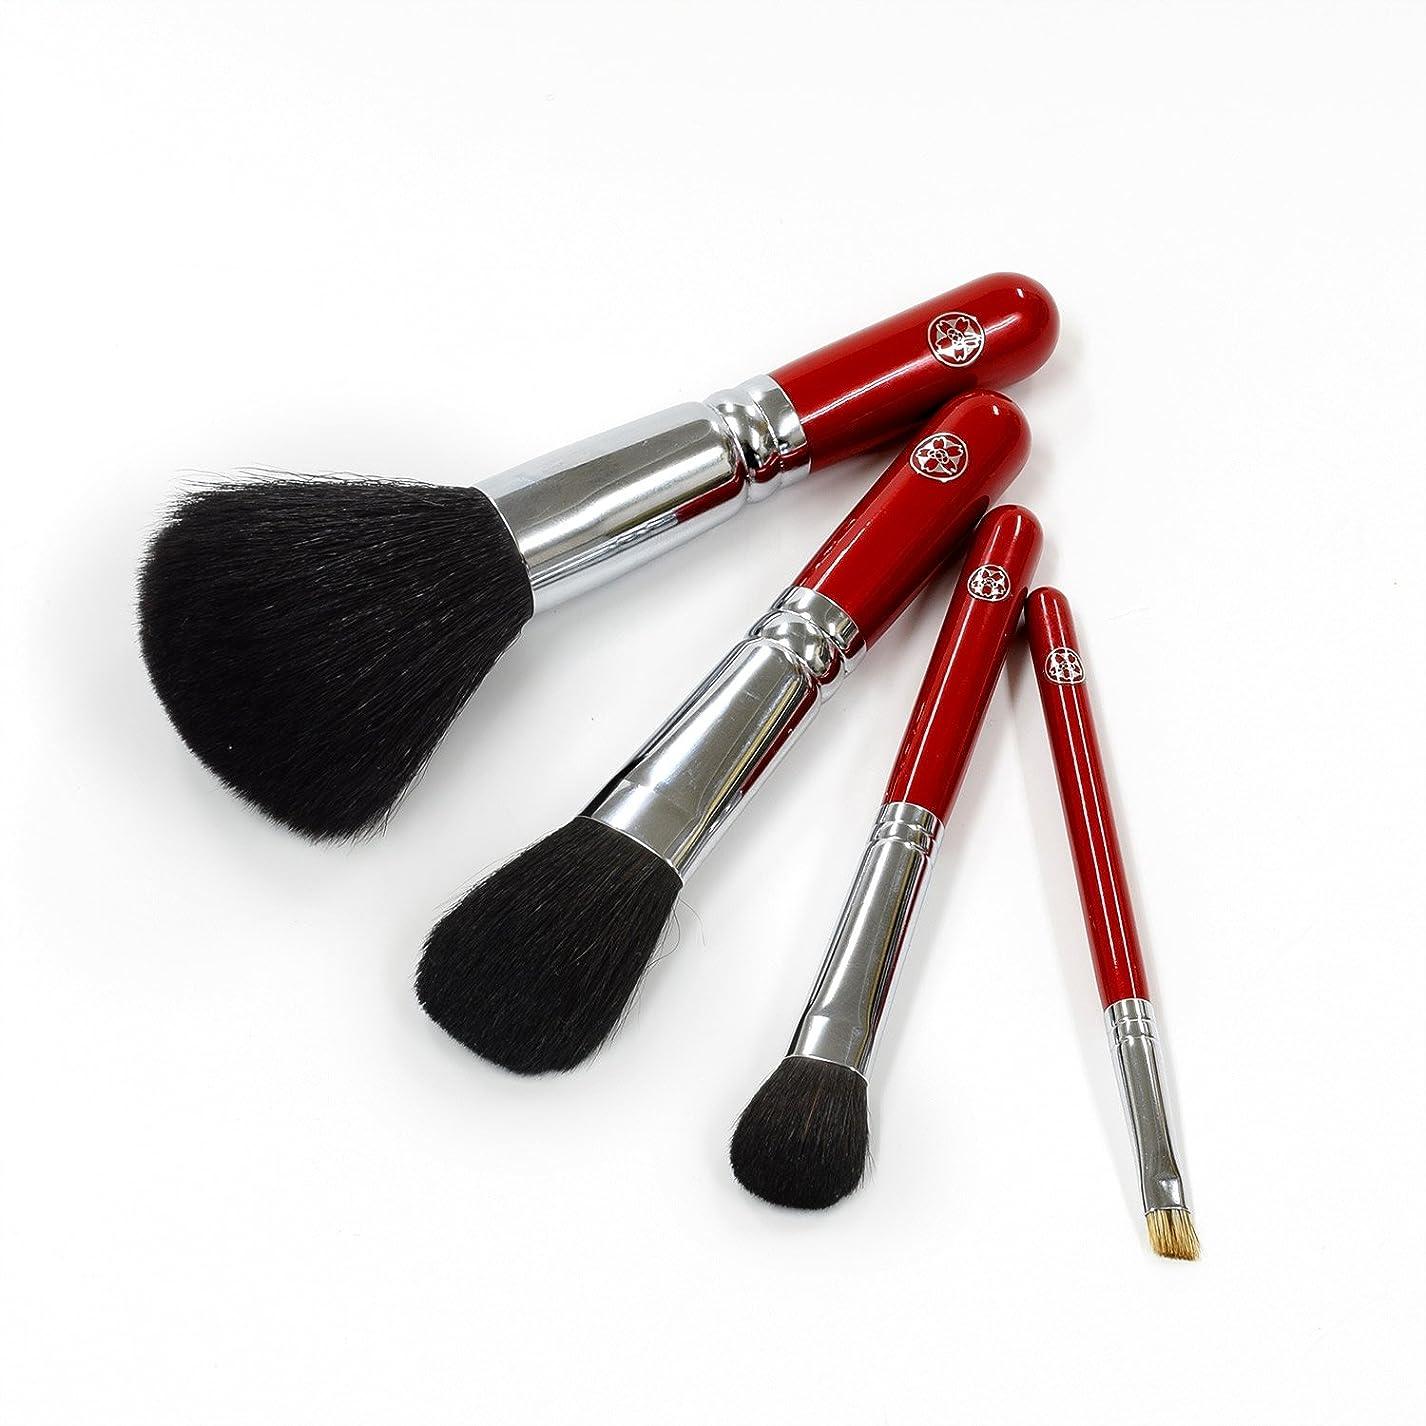 熱論理的にコンサートARRS-S4bさくら筆 お化粧の仕上がりに差が出る 基本の化粧筆4本セット パウダー チーク アイシャドー アイブロー 六角館さくら堂 ロゴ入り 女性の手になじみやすい赤軸ショートタイプ 熊野筆